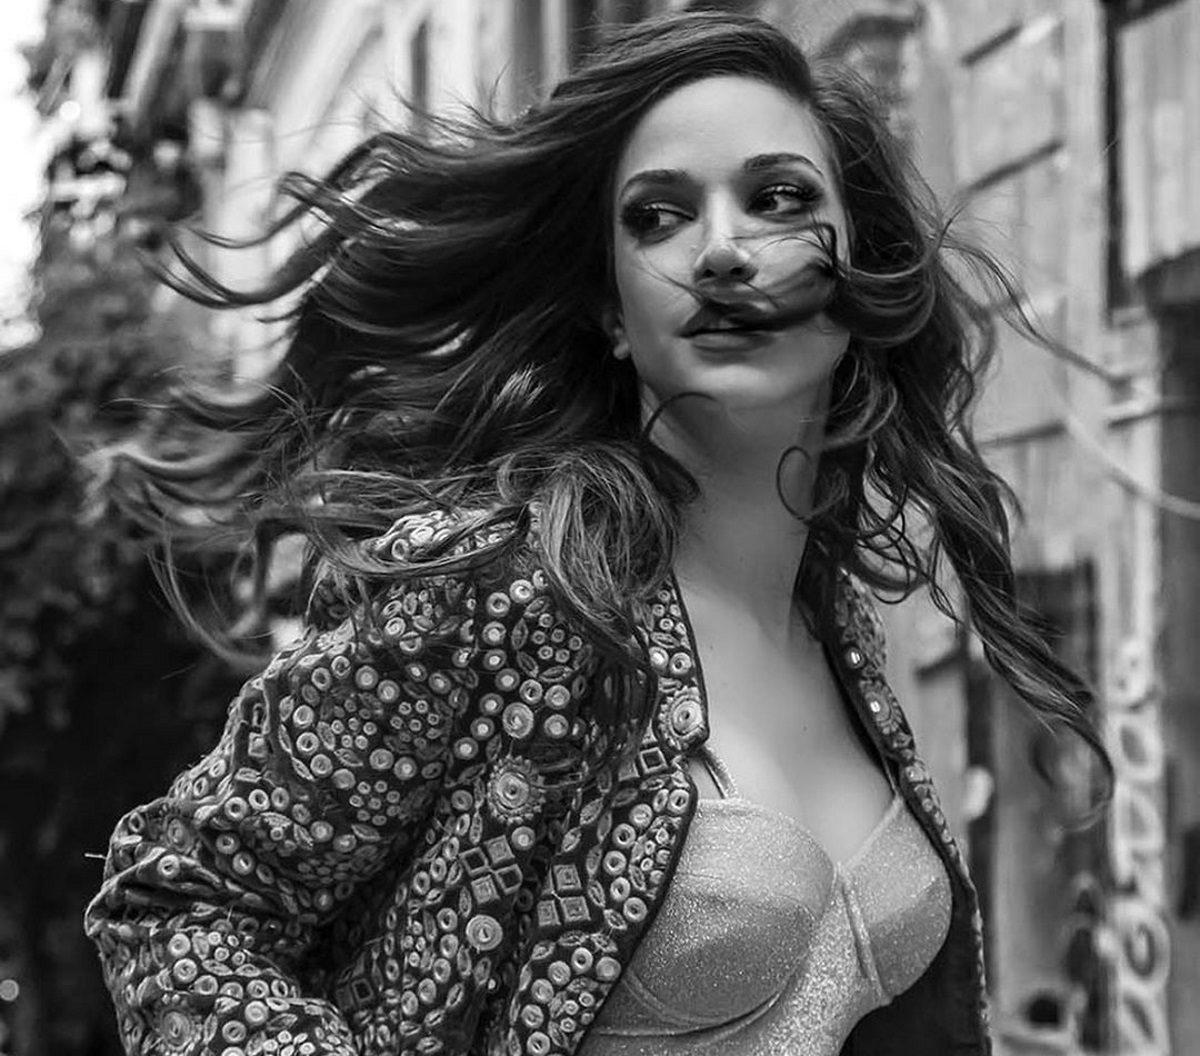 Κατερίνα Γερονικολού: Οι ερωτικές σκηνές με τον Τσιμιτσέλη στο «Για Πάντα» και η ταύτιση με την ηρωίδα της | tlife.gr